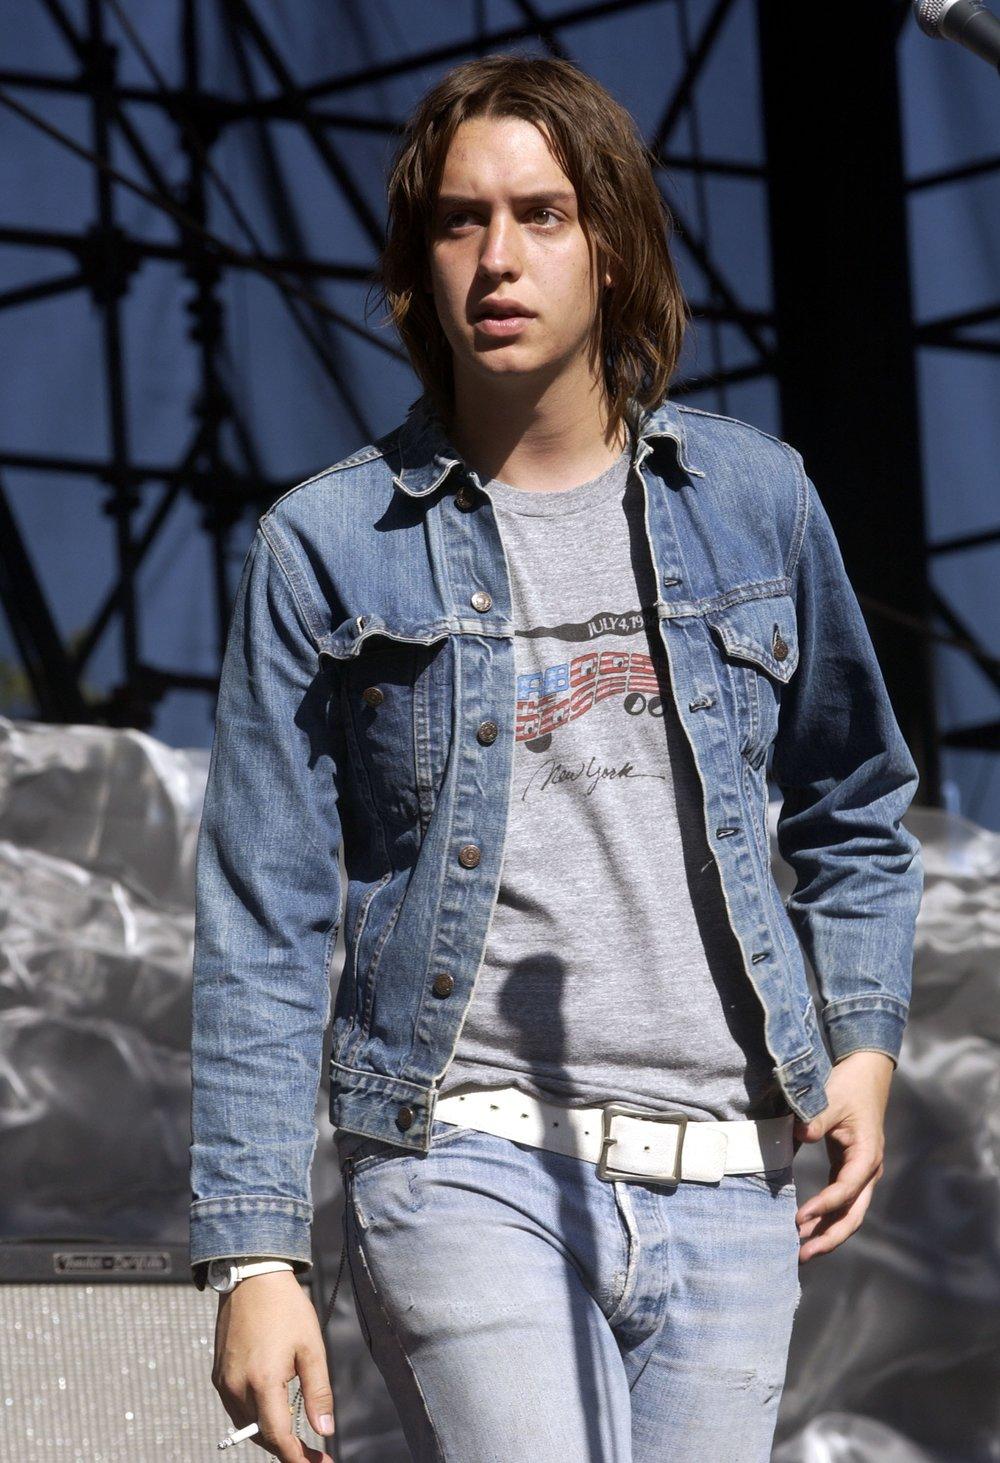 Jeans Não que o jeans tenha nascido no rock. Claro que não, mas com certeza ele faz parte do figurino de muito rockstar importante. Pode ser rasgado, manchado, justo ou novinho. Todos eles, de uma forma ou de outra, estão presentes no hall da fama do rock.